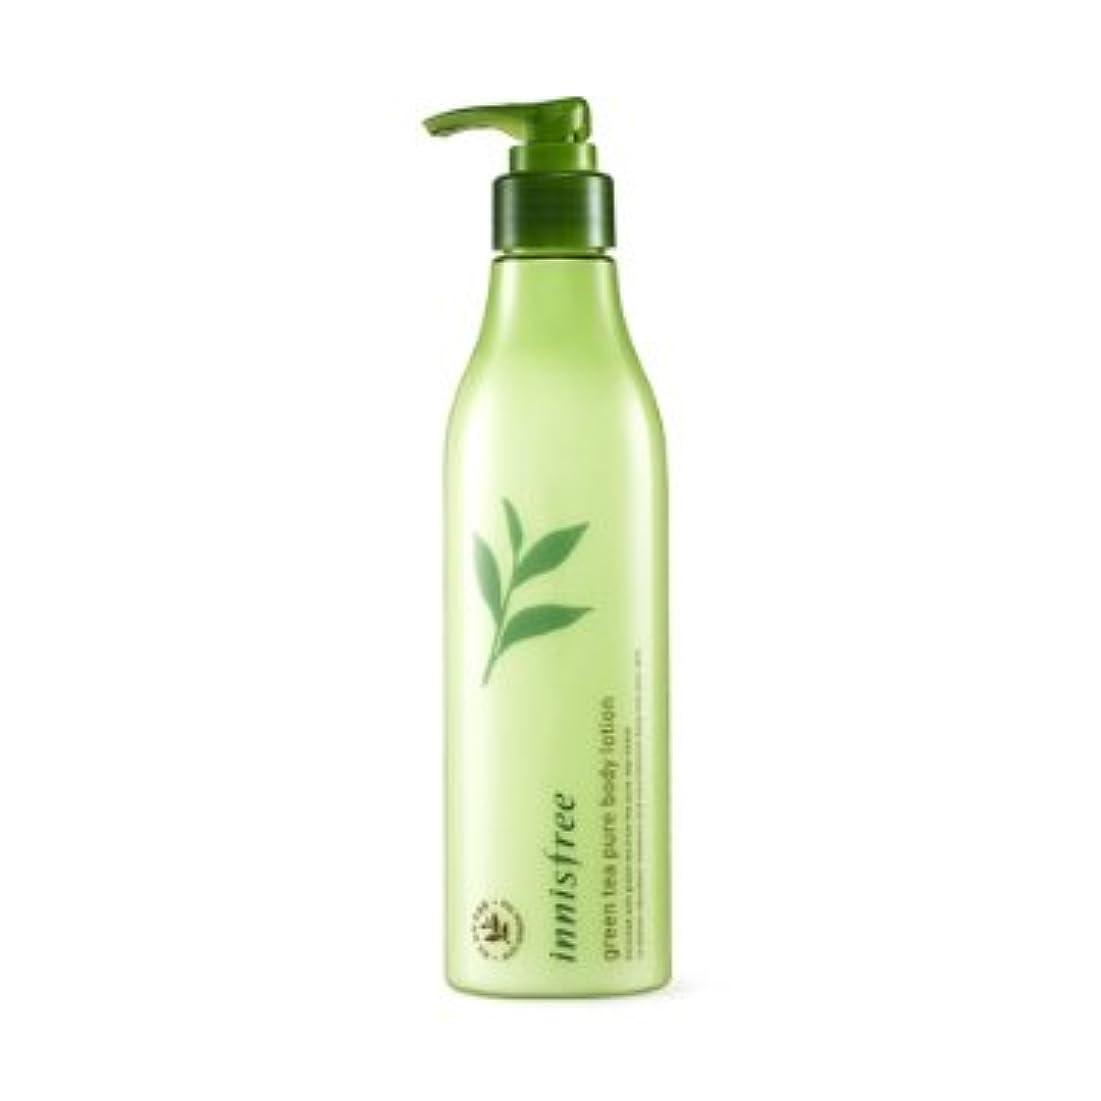 発症処分した箱【イニスフリー】Innisfree green tea pure body lotion - 300ml (韓国直送品) (SHOPPINGINSTAGRAM)